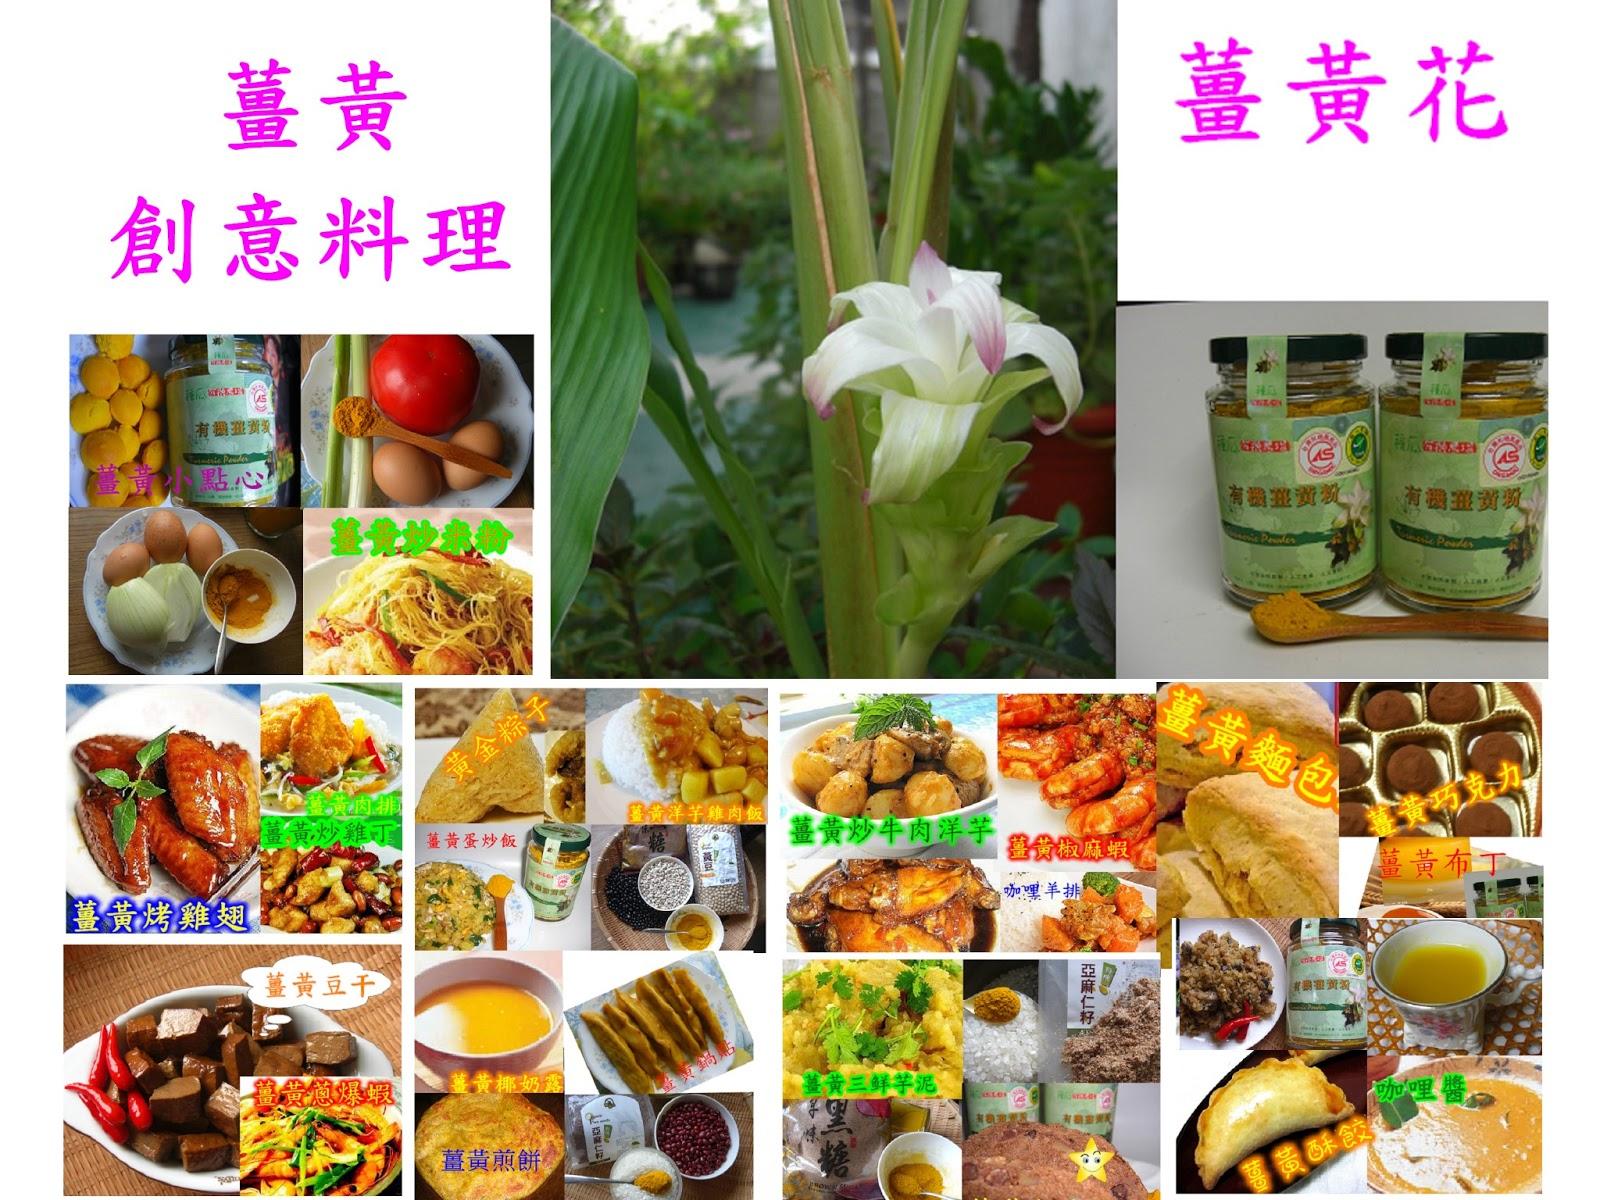 薑黃創意料理 | 臺灣最美